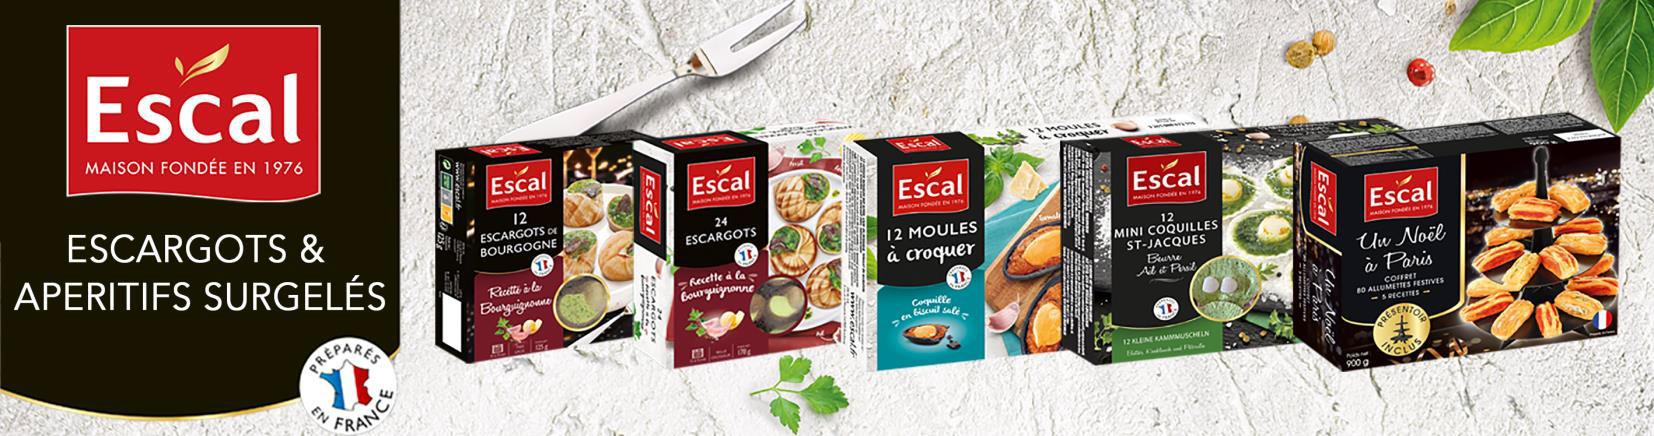 escal2